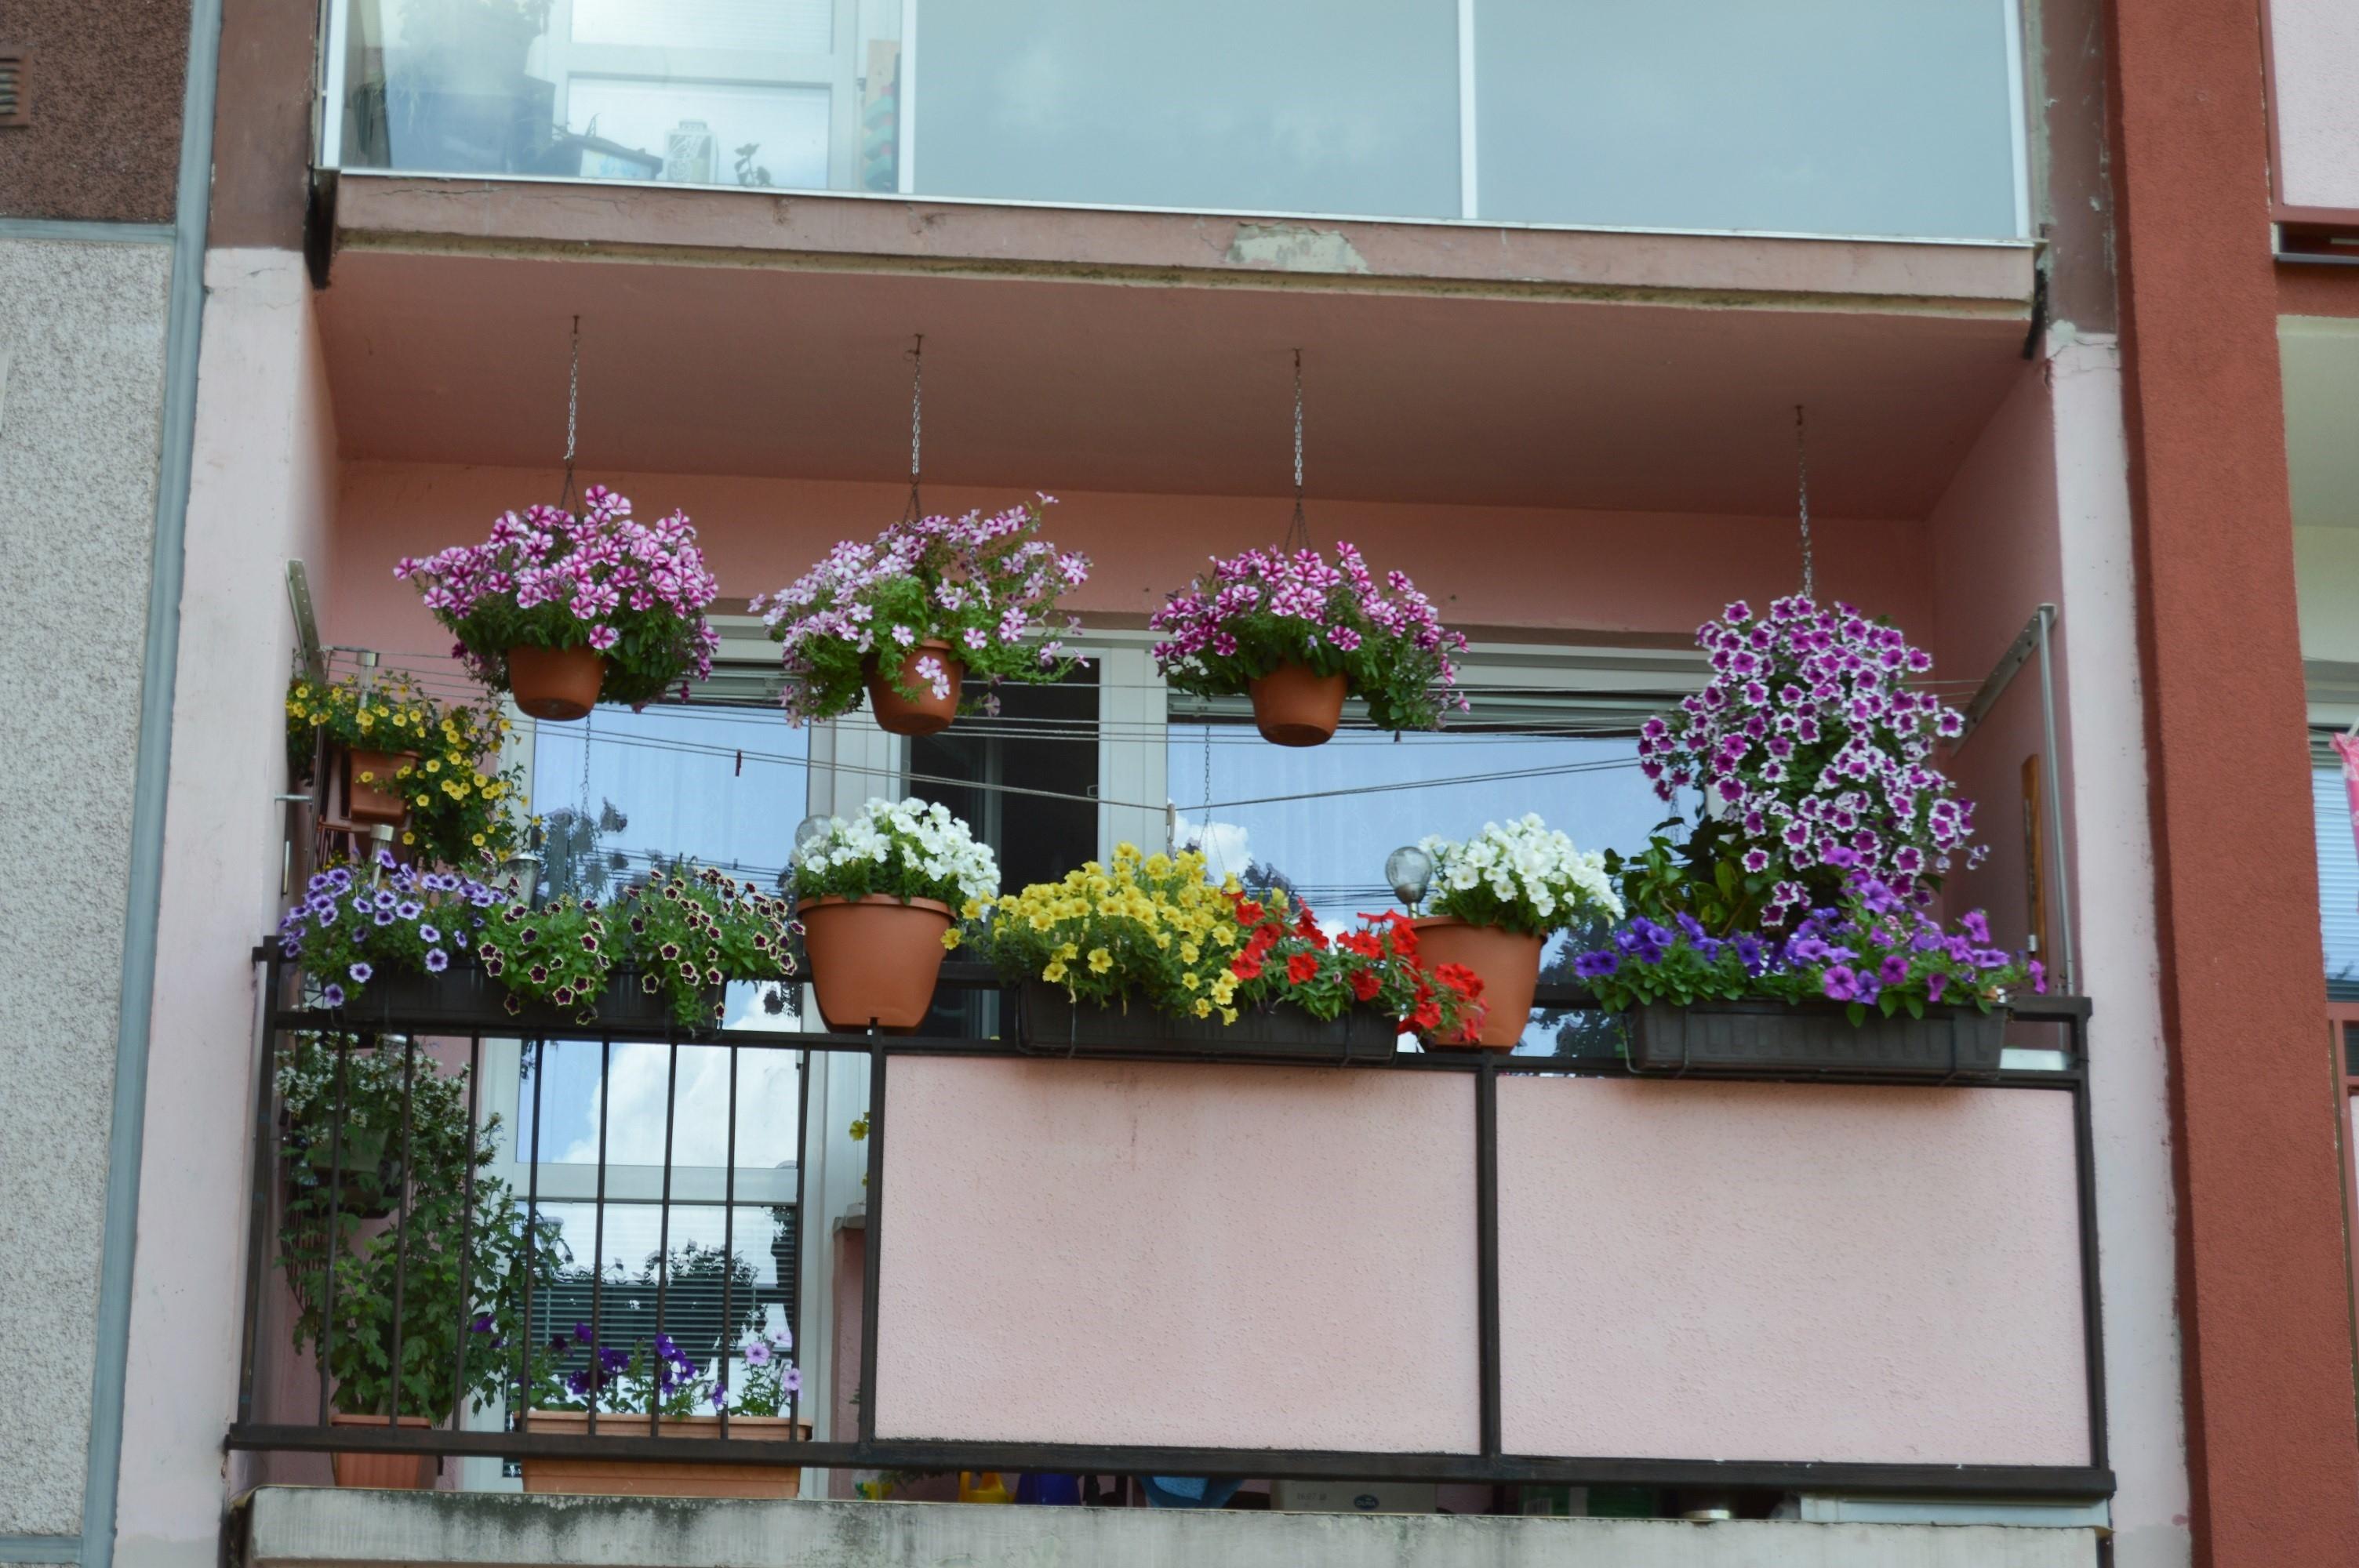 Nejkrásnější balkon bytového domu paní Polášková zdroj foto: muz